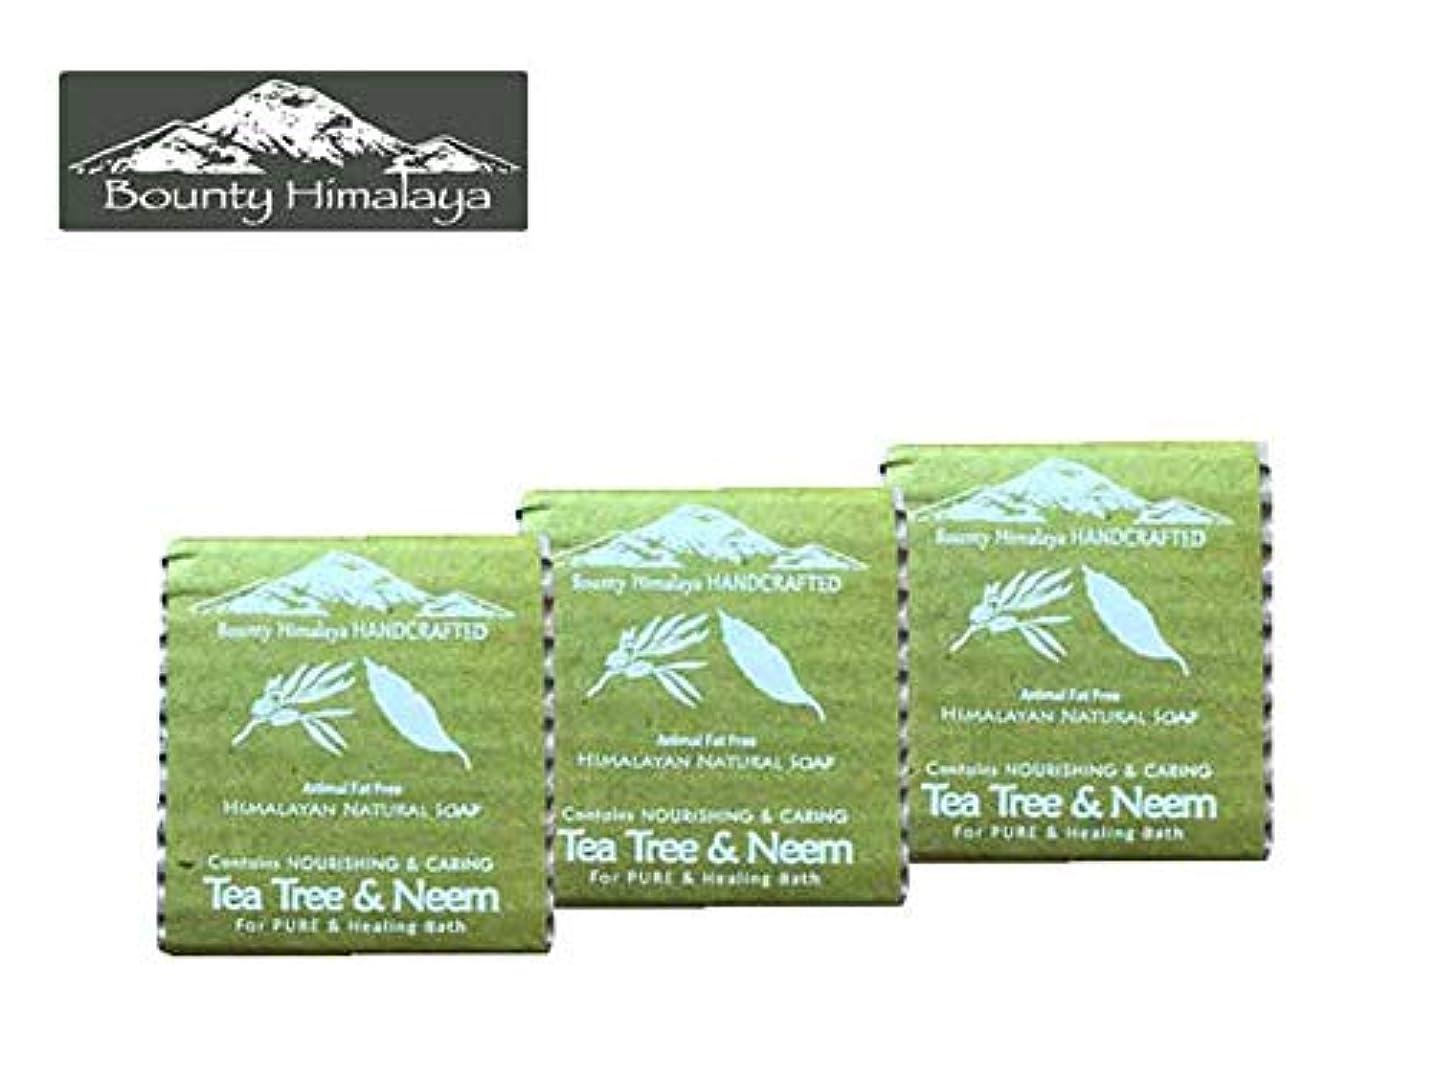 才能才能消防士アーユルヴェーダ ヒマラヤ ティーツリー?ニーム ソープ3セット Bounty Himalaya Tea Tree & Neem SOAP(NEPAL AYURVEDA) 100g